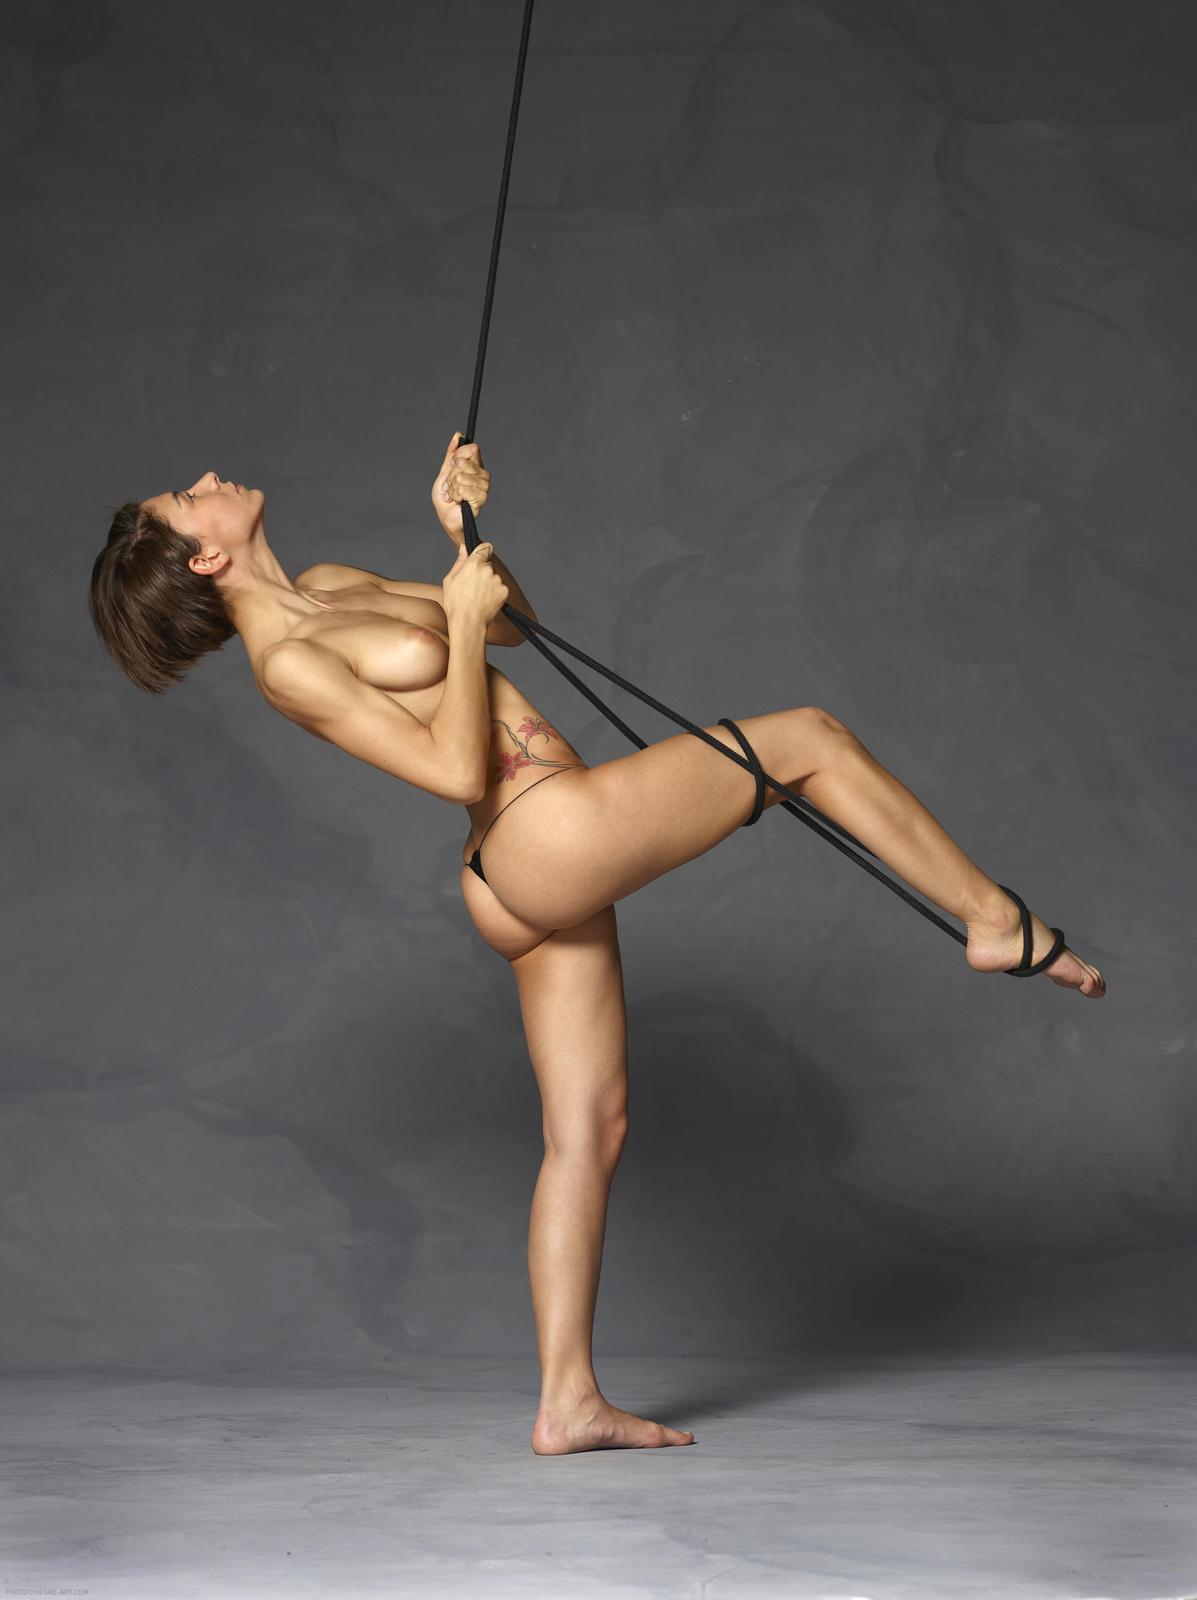 Zdjęcie porno - 0422 - Wygimnastykowana kobieta